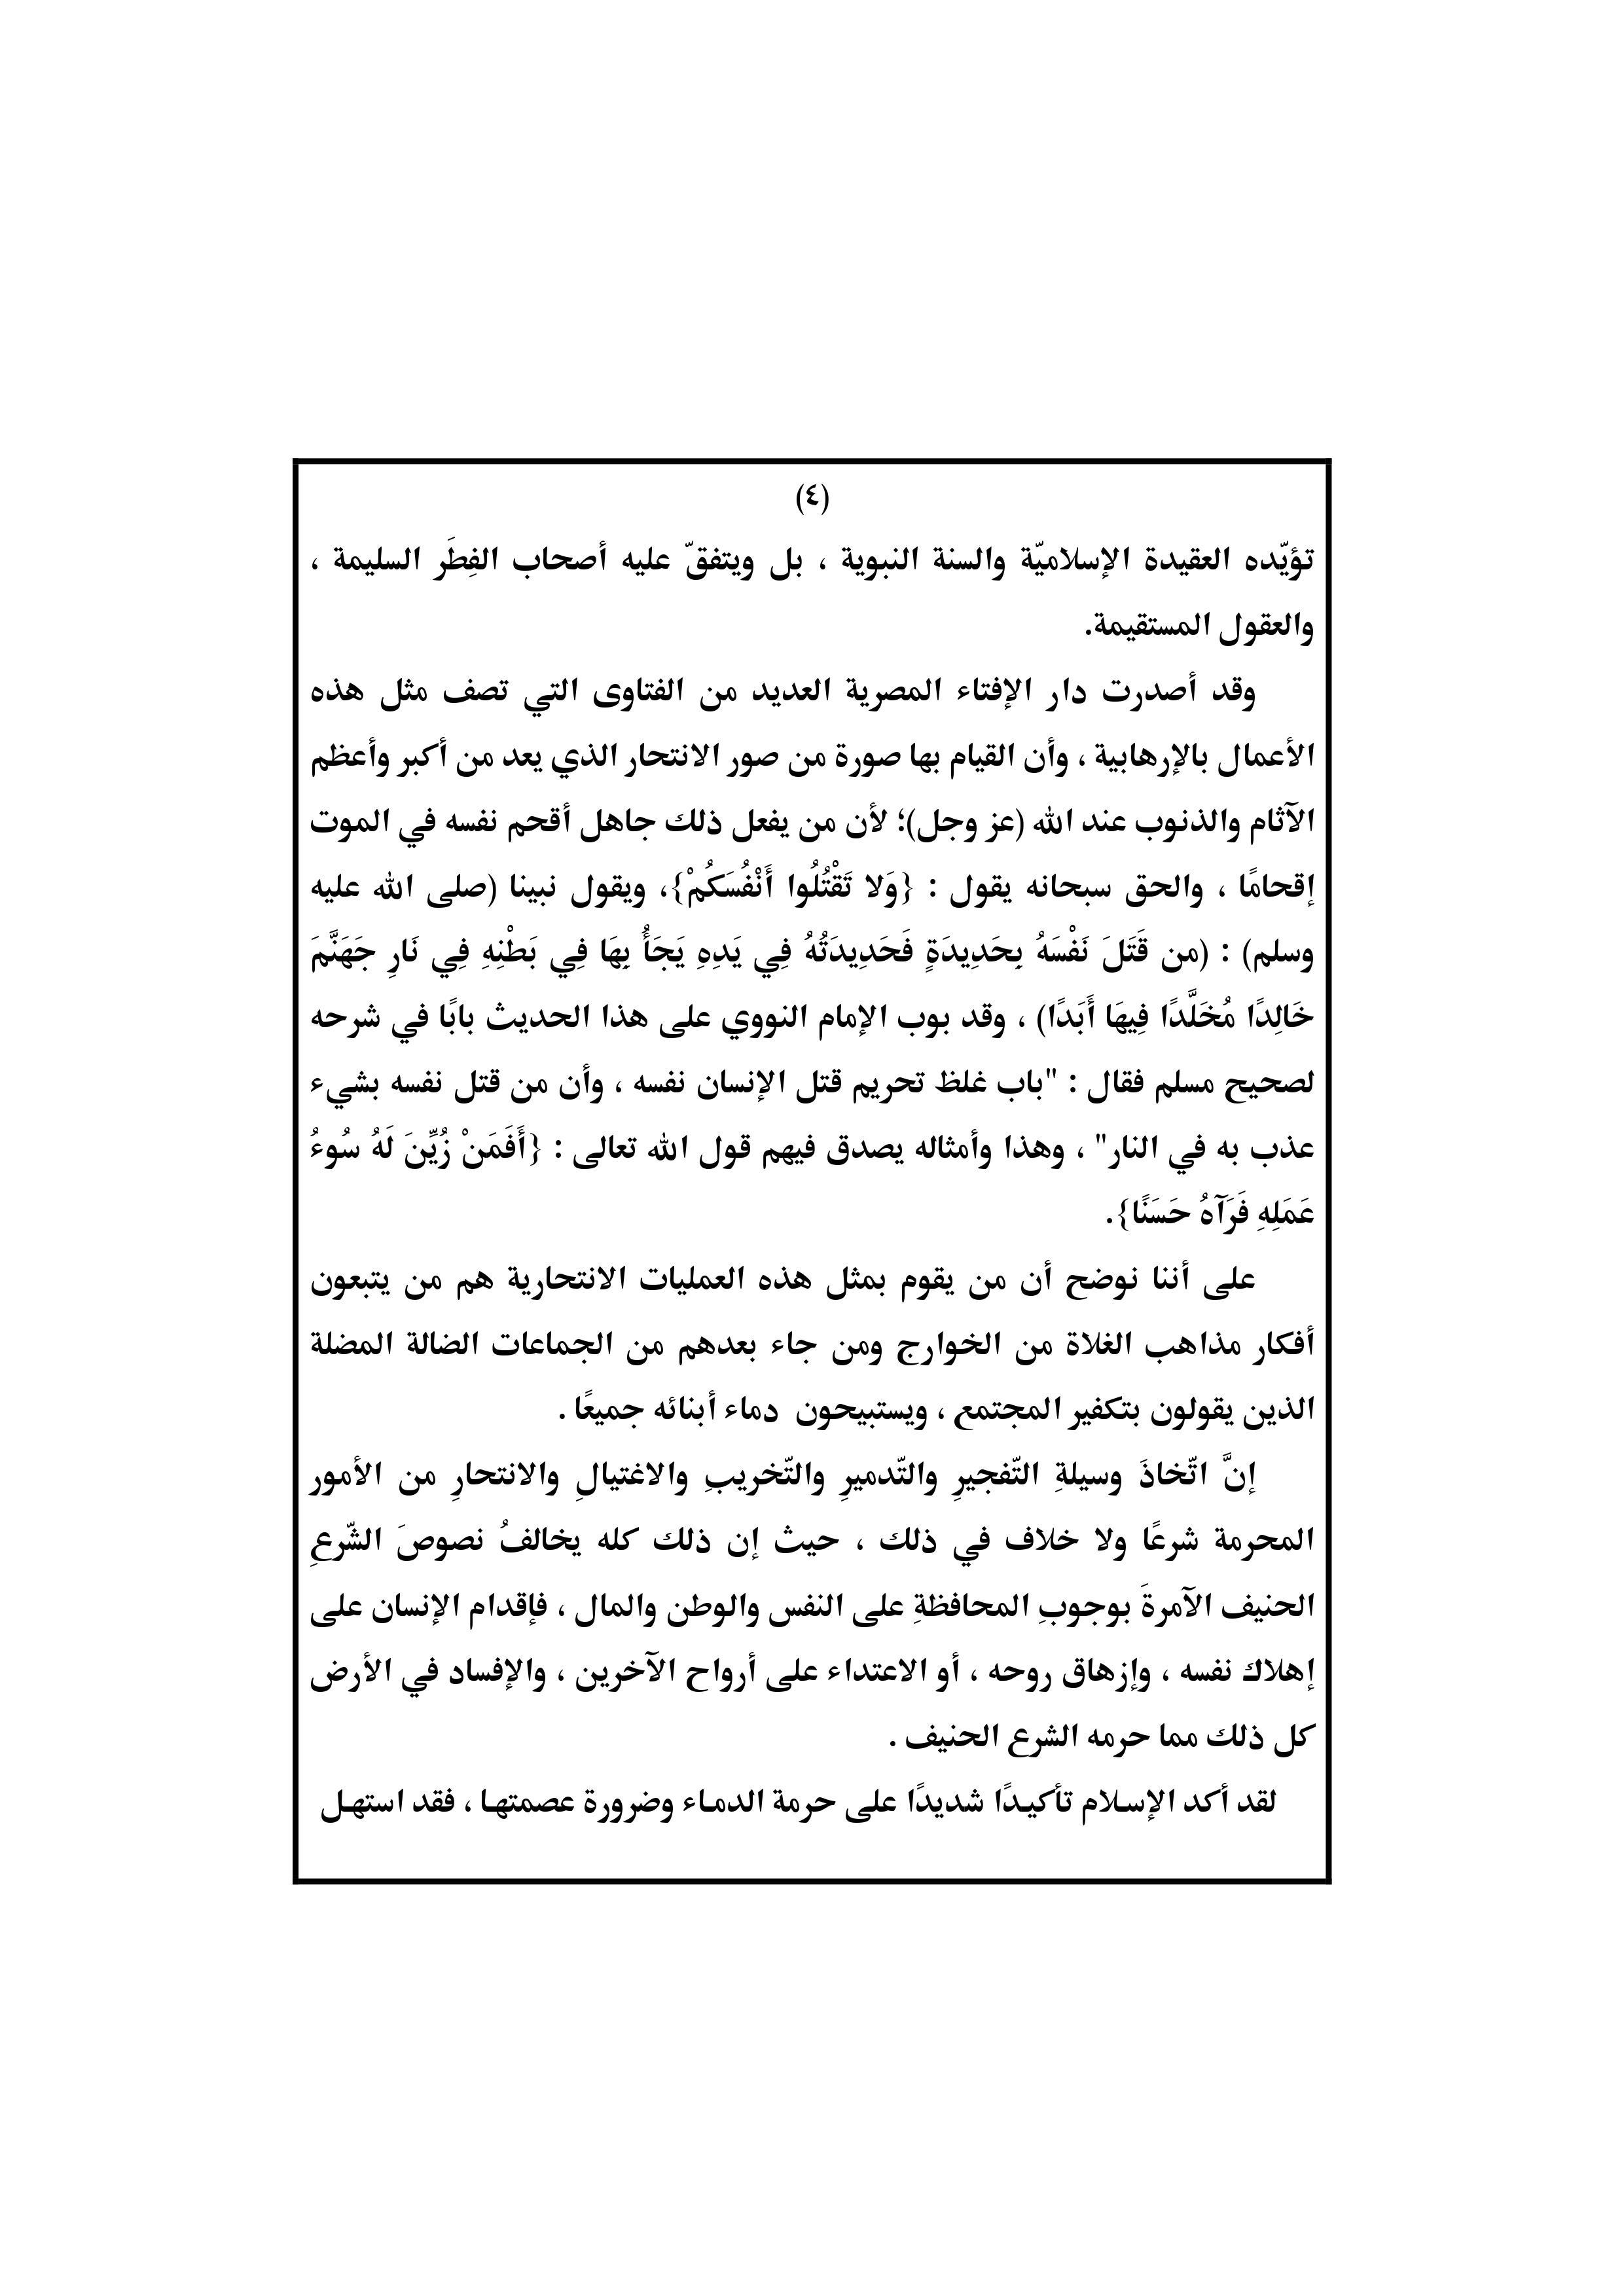 الشهادة في سبيل الله، يوم الشهيد، الشهداء، خطبة الجمعة 8 مارس 2019، خطبة الجمعة 8/3/2019